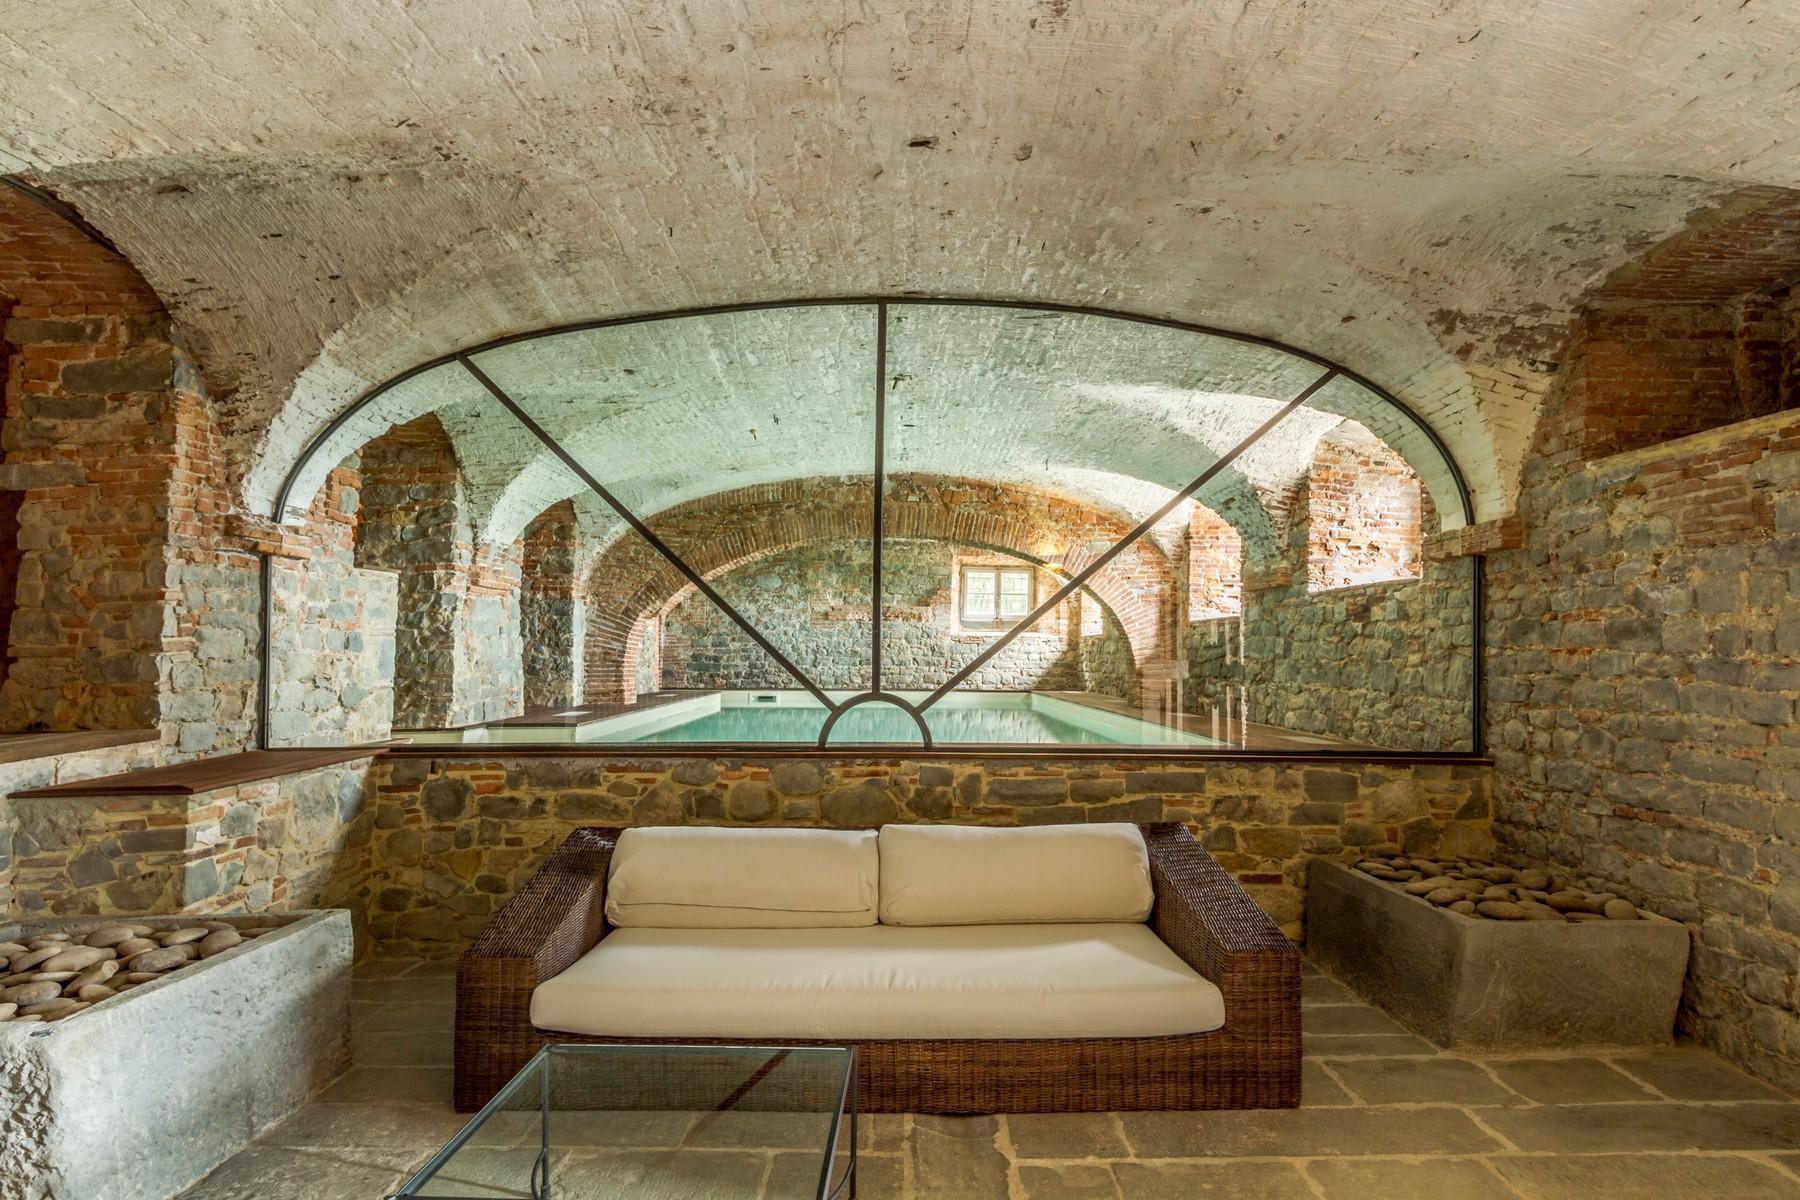 Appartement de luxe dans une villa historique sur les collines de Lucca - 20